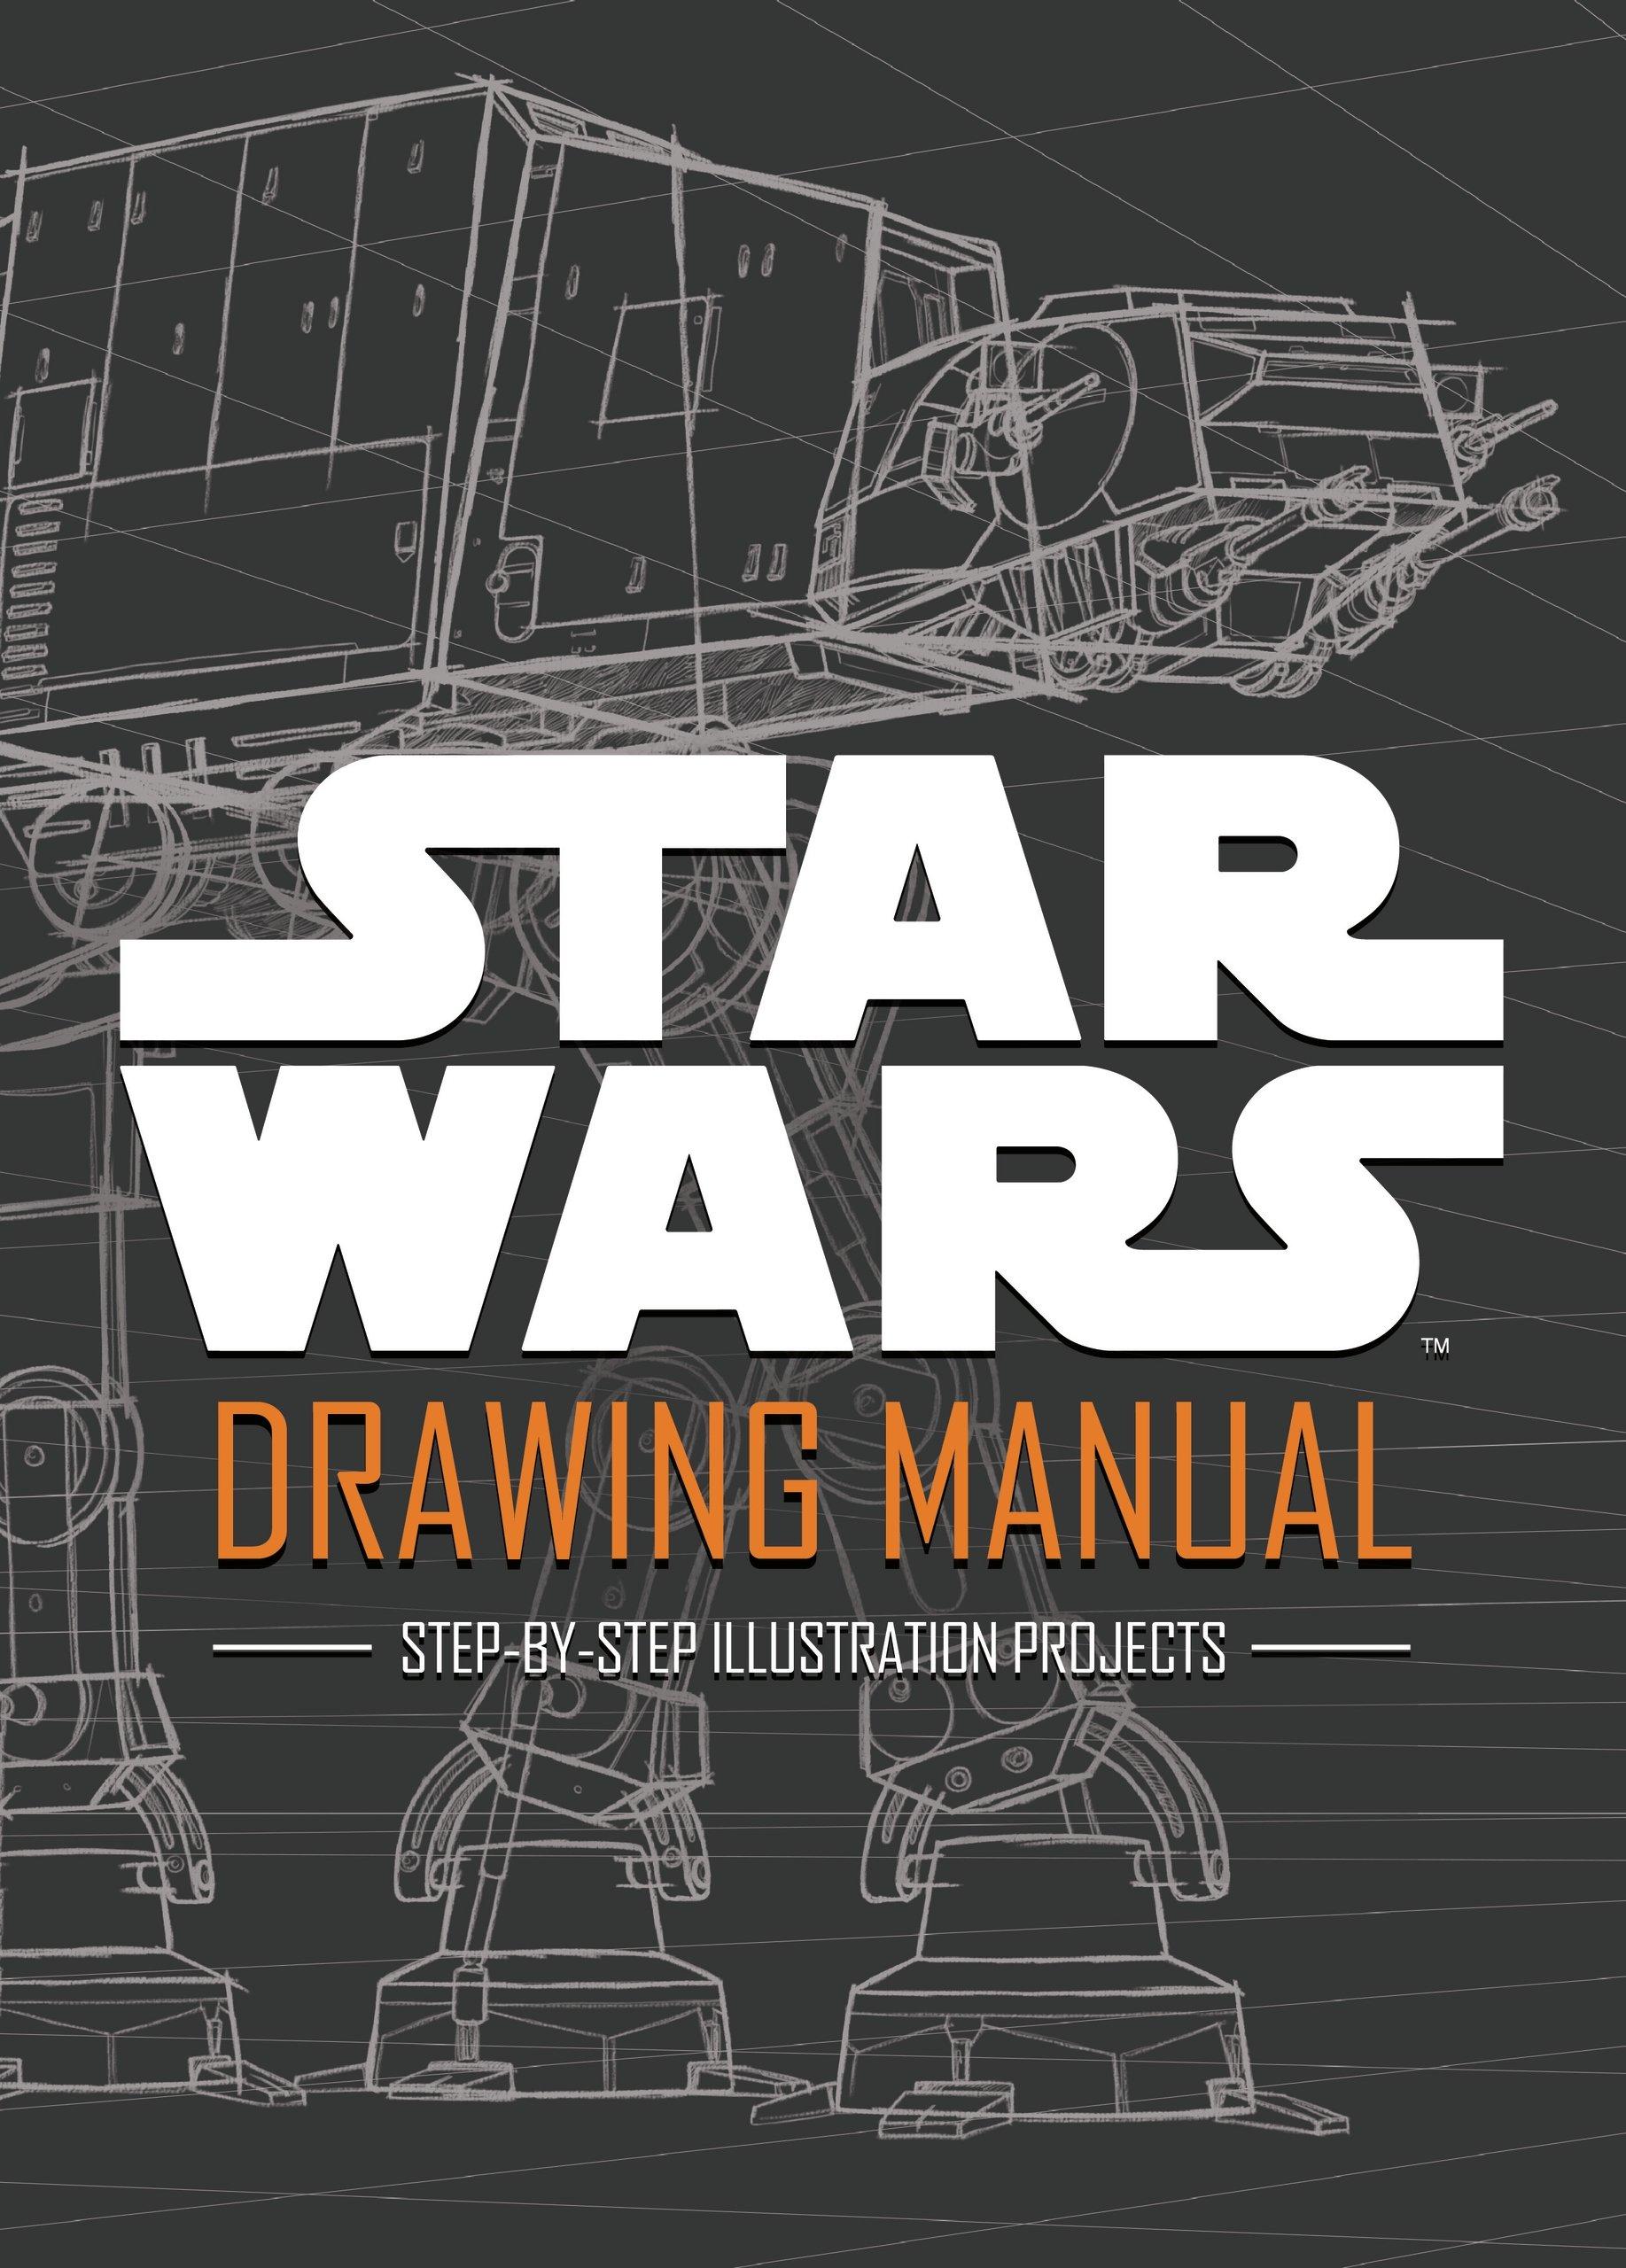 Star Wars Drawing Manual